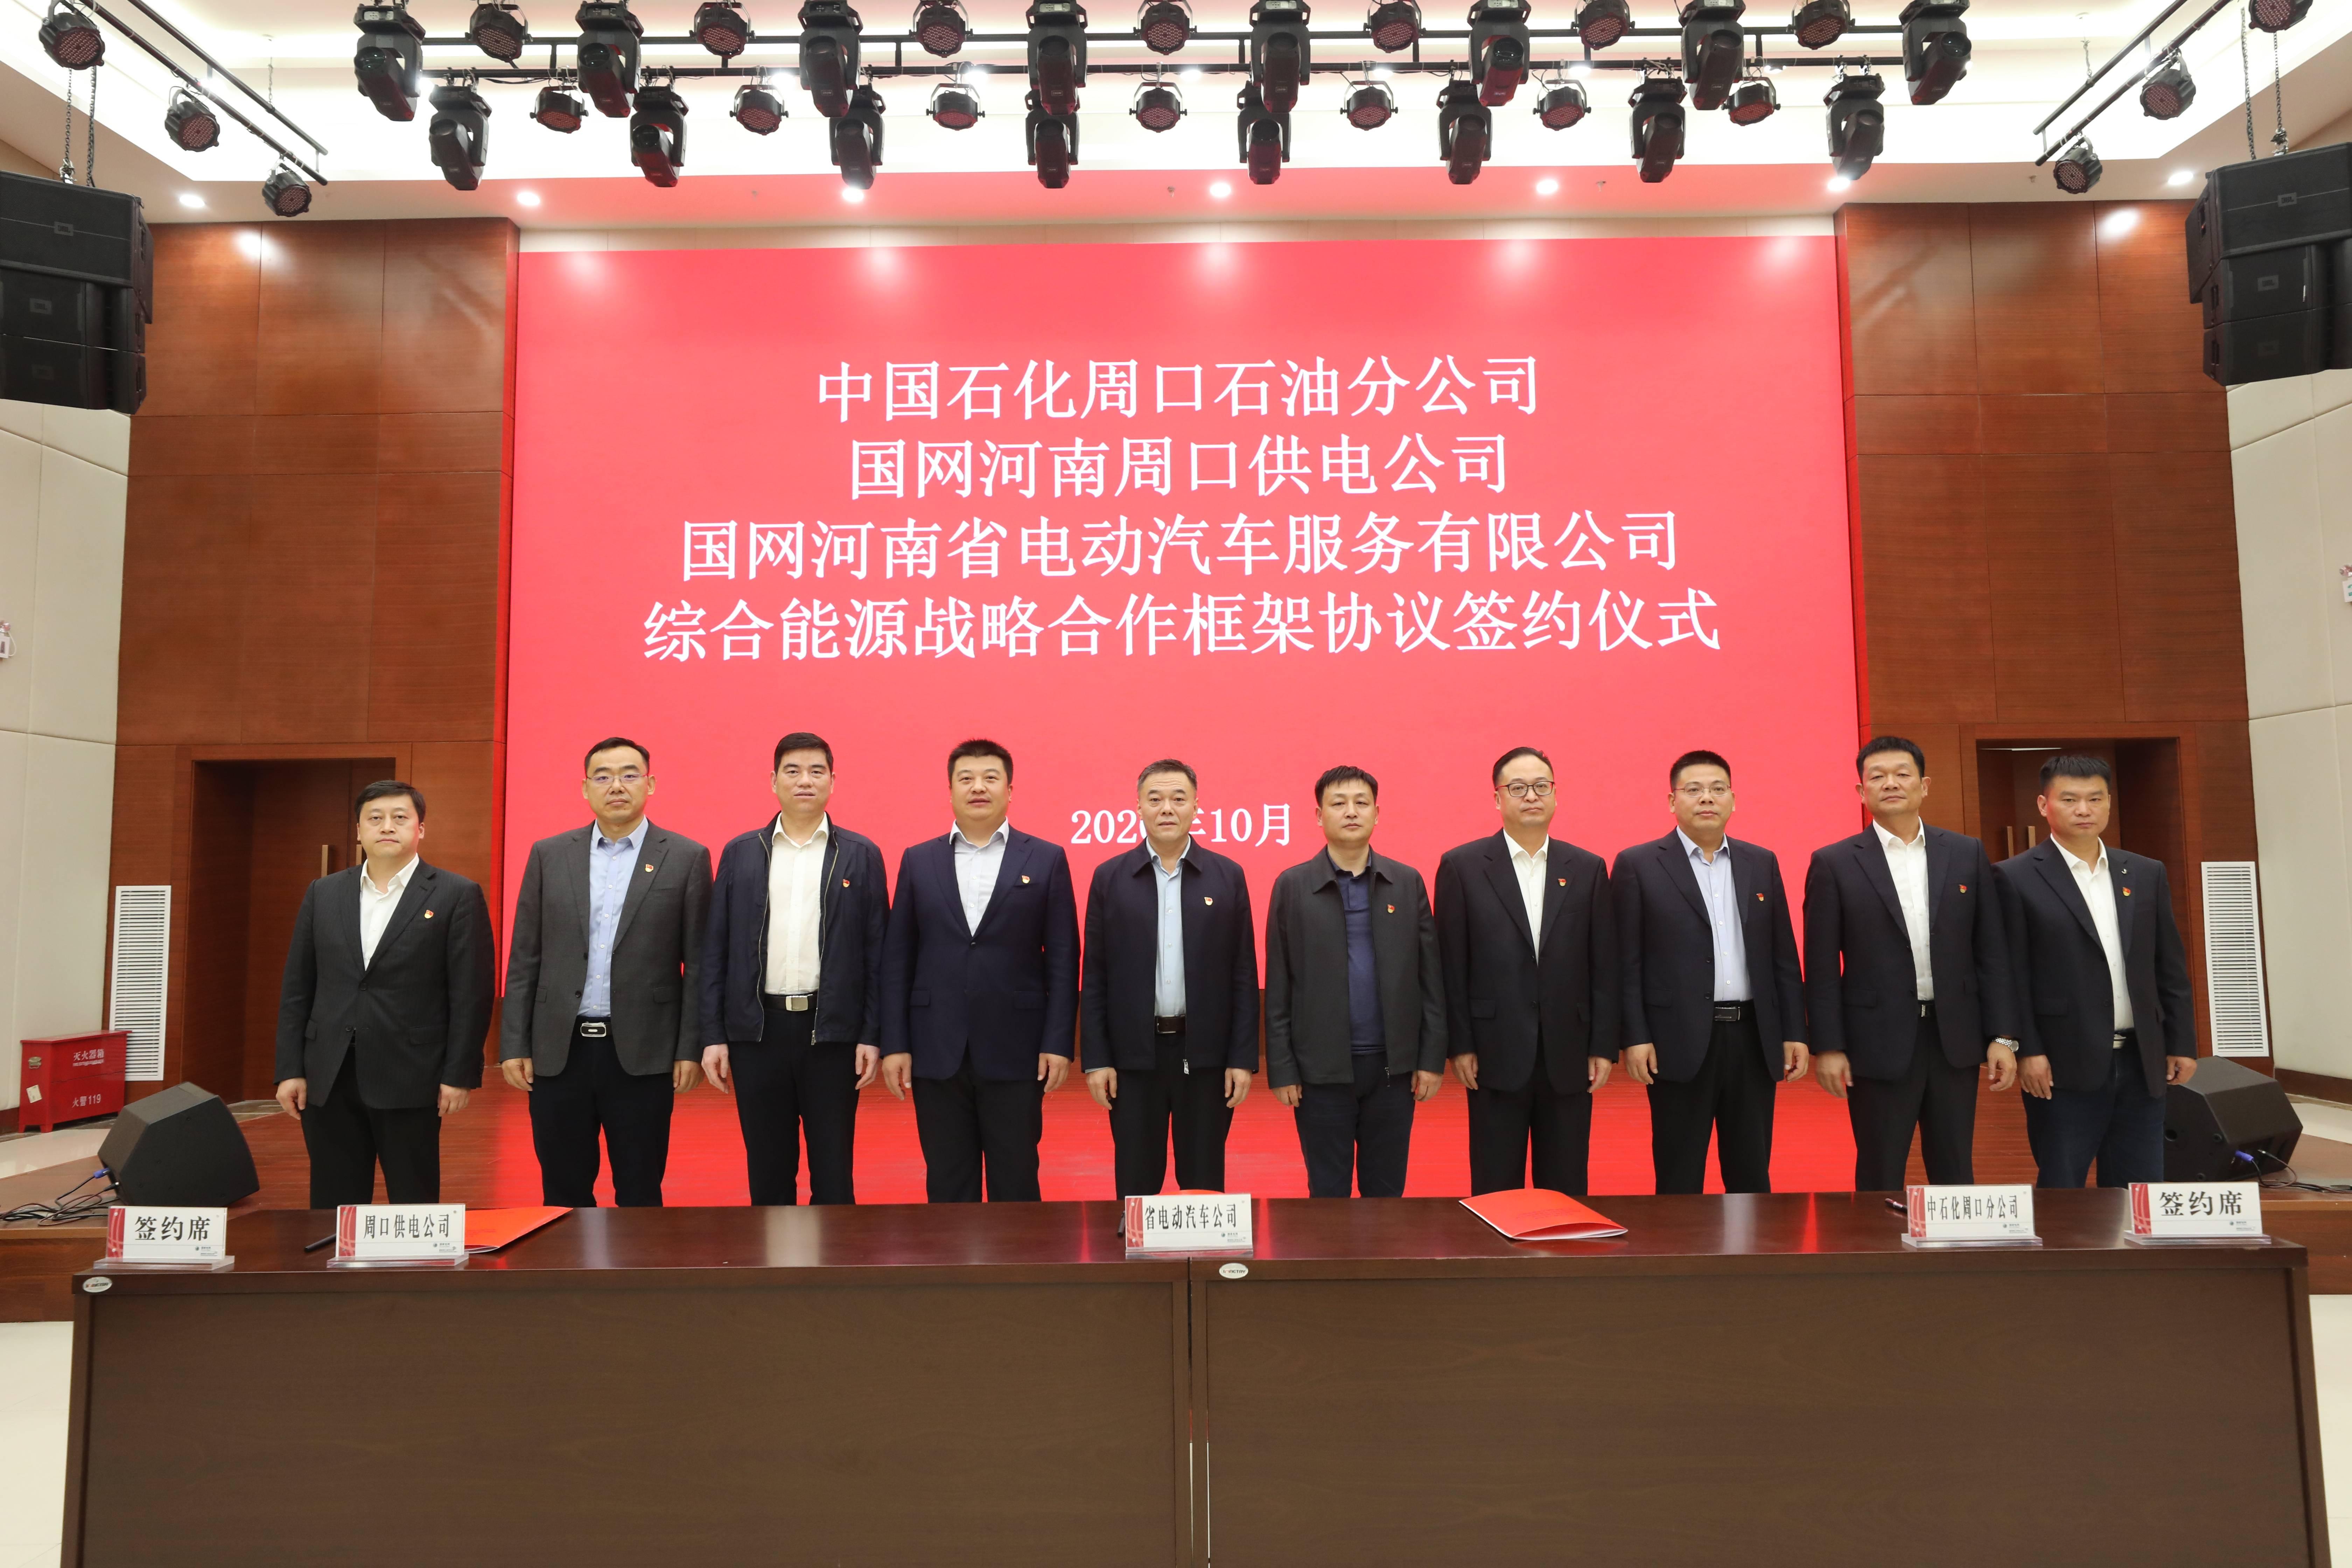 国网河南电动汽车服务有限公司在周口举行综合能源战略合作协议签约仪式